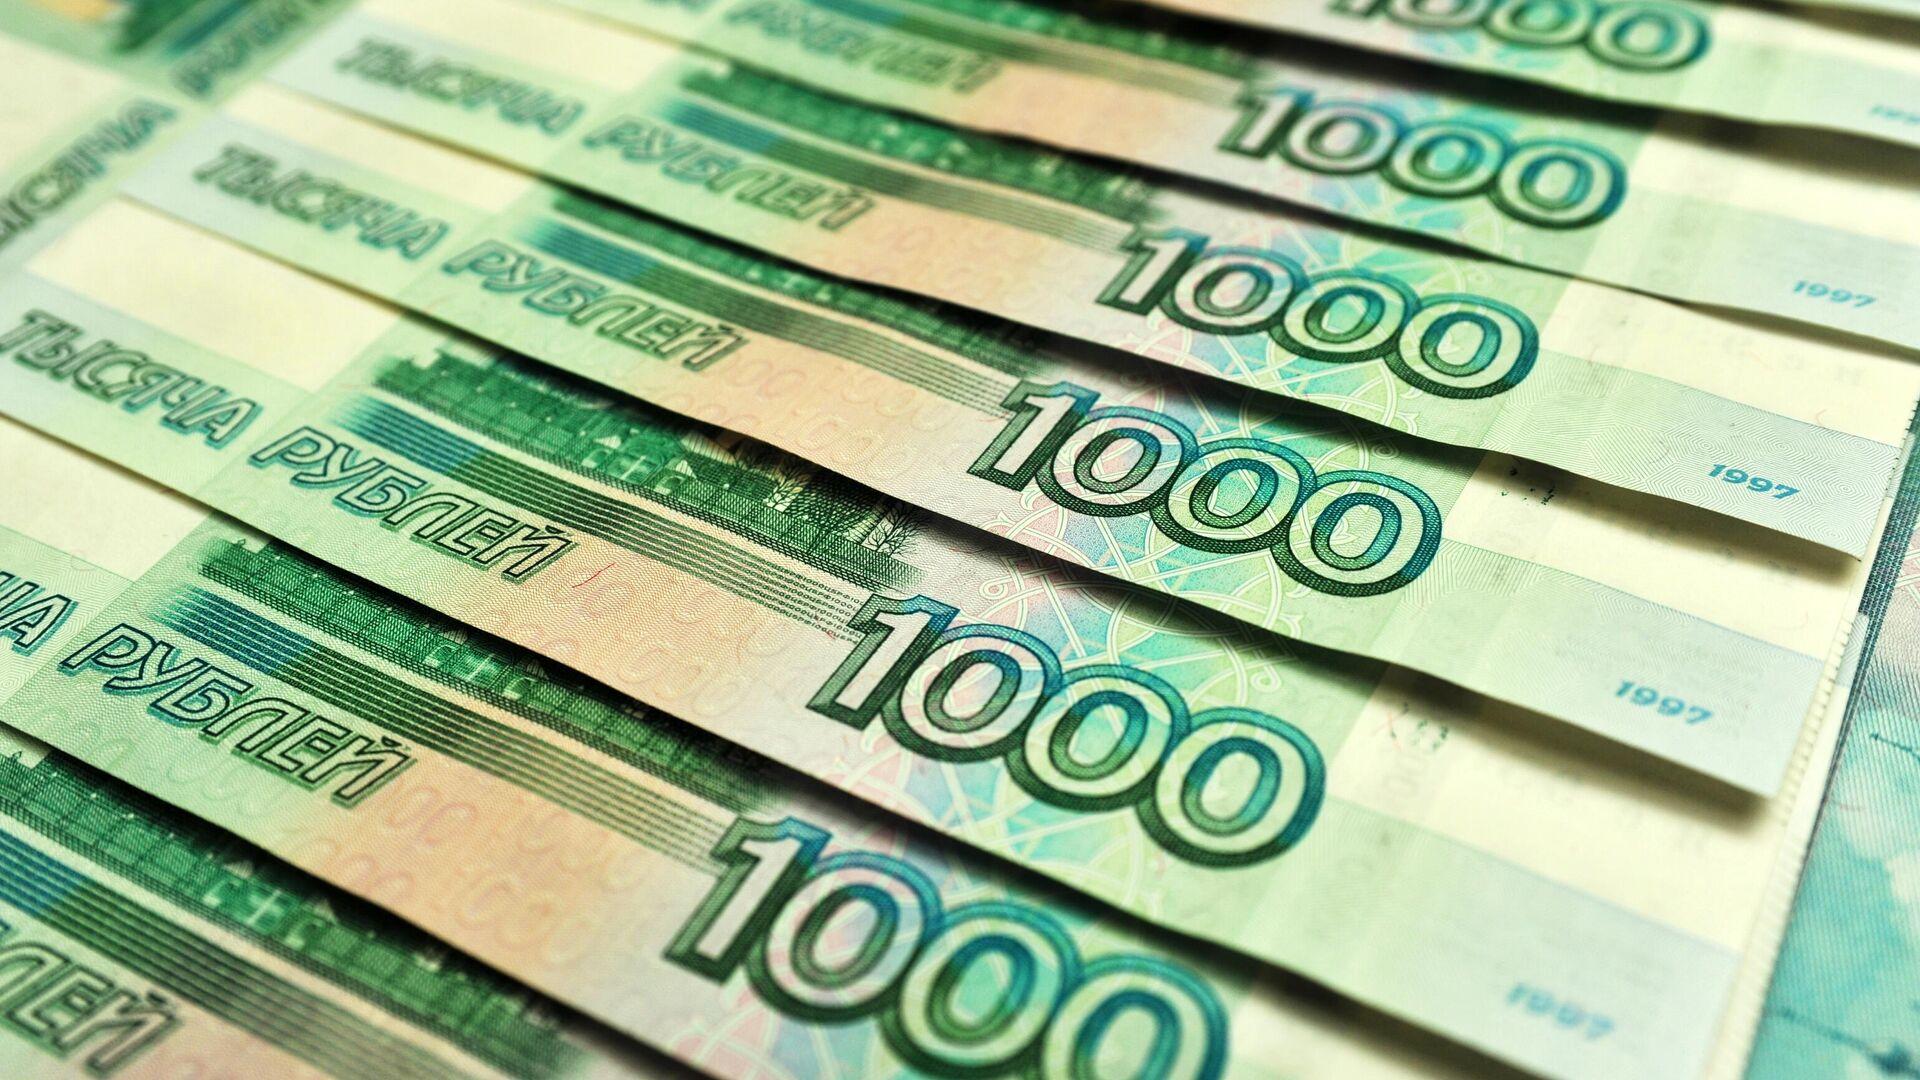 Банкноты номиналом 1000 рублей - РИА Новости, 1920, 10.12.2019